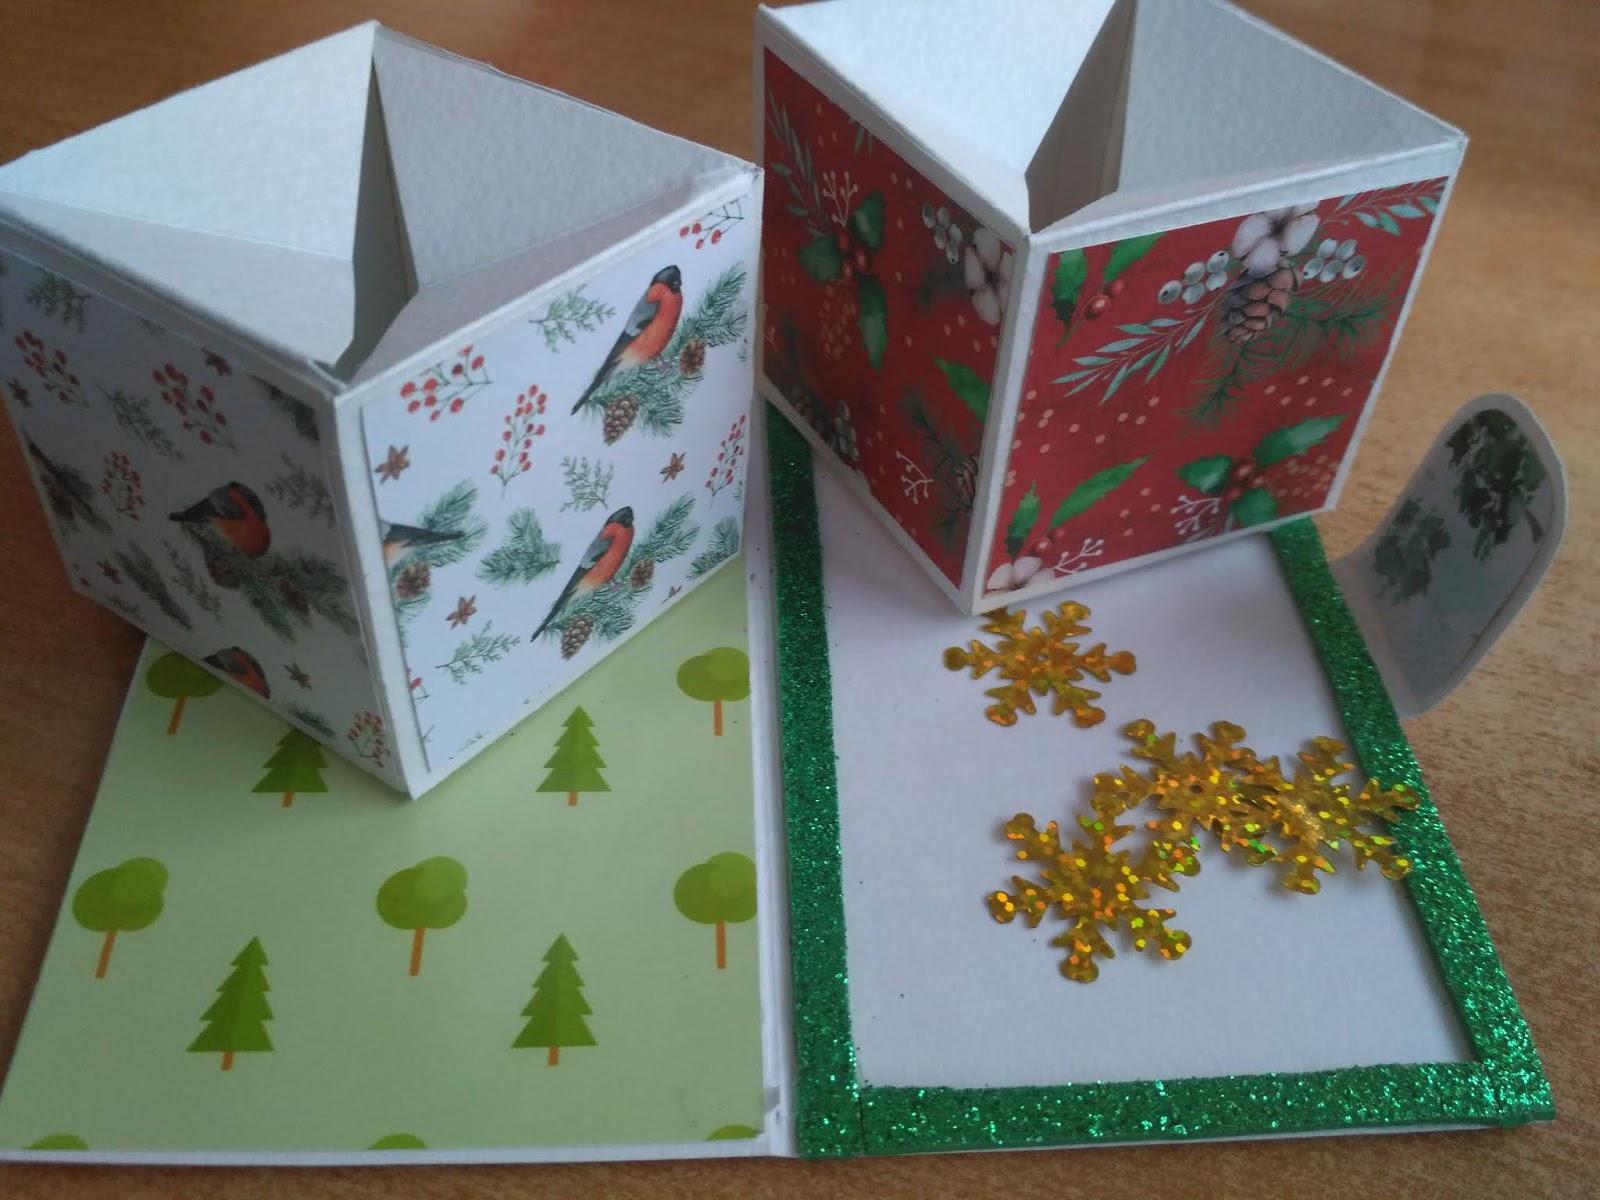 жилья открытка с выпрыгивающим кубиком поиск